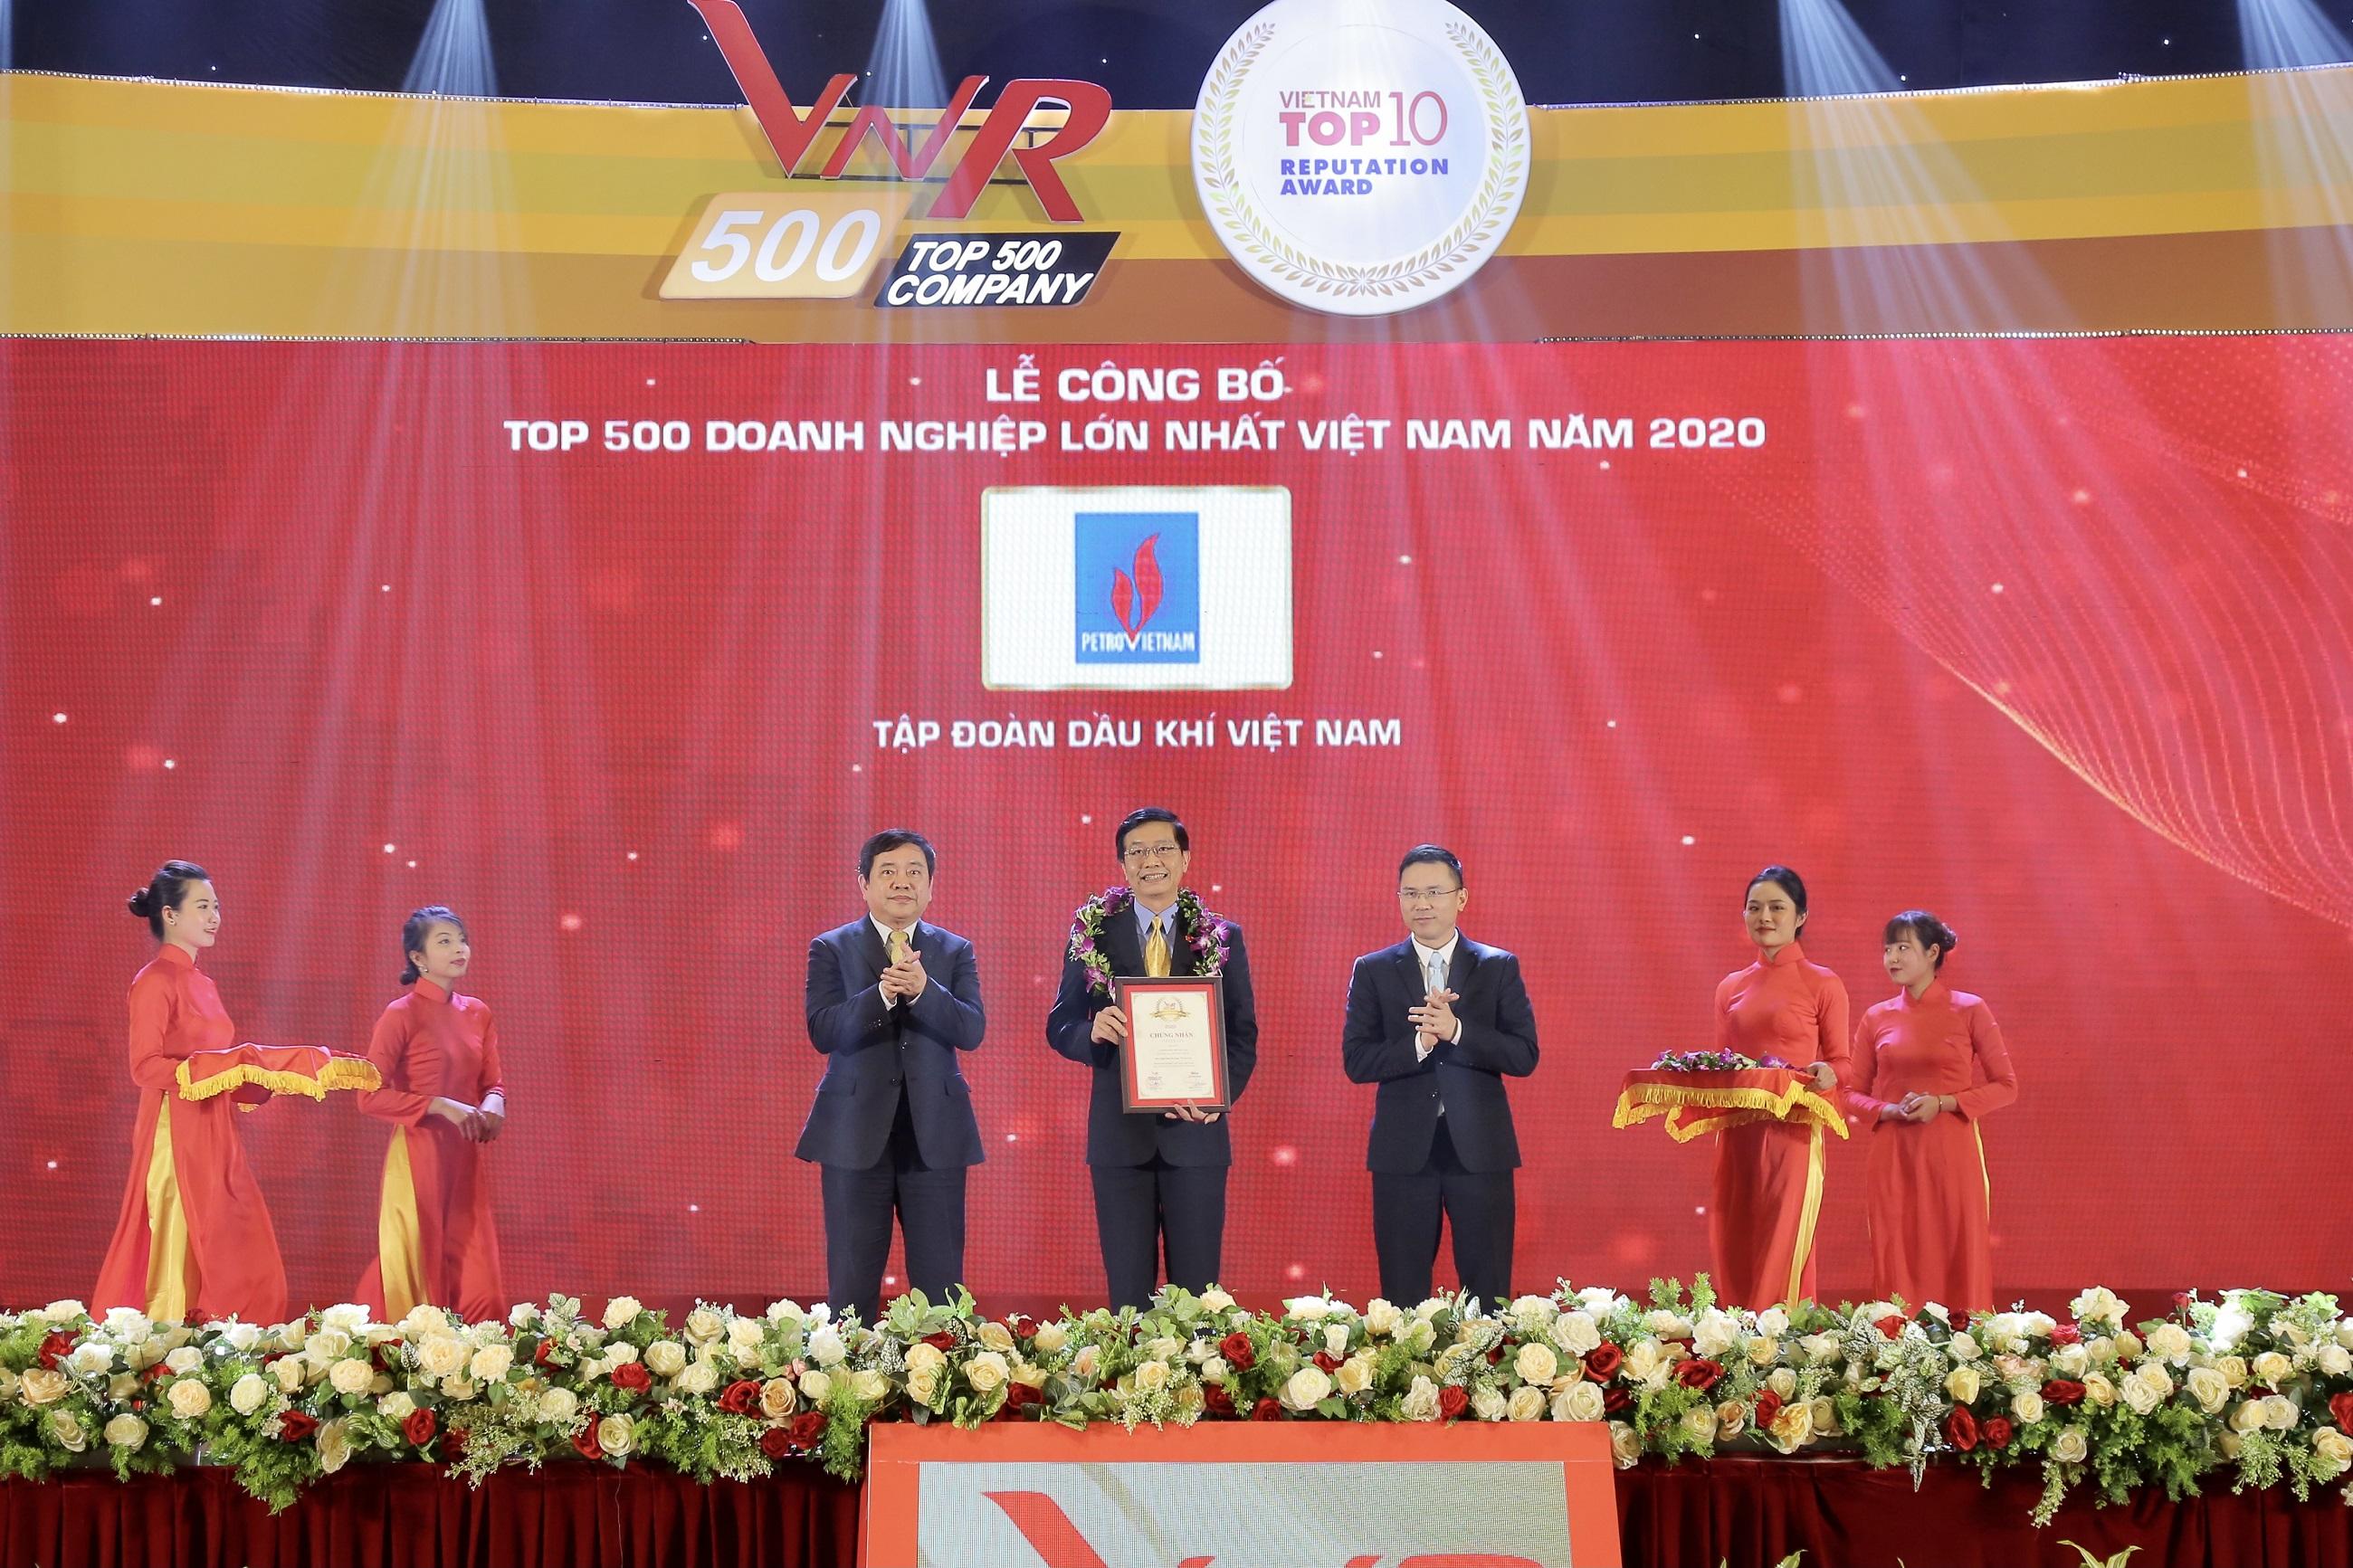 Ông Trần Quang Dũng, Trưởng Ban Truyền thông và Văn hoá doanh nghiệp đại diện Petrovietnam nhận vinh danh TOP 500 doanh nghiệp lớn nhất Việt Nam